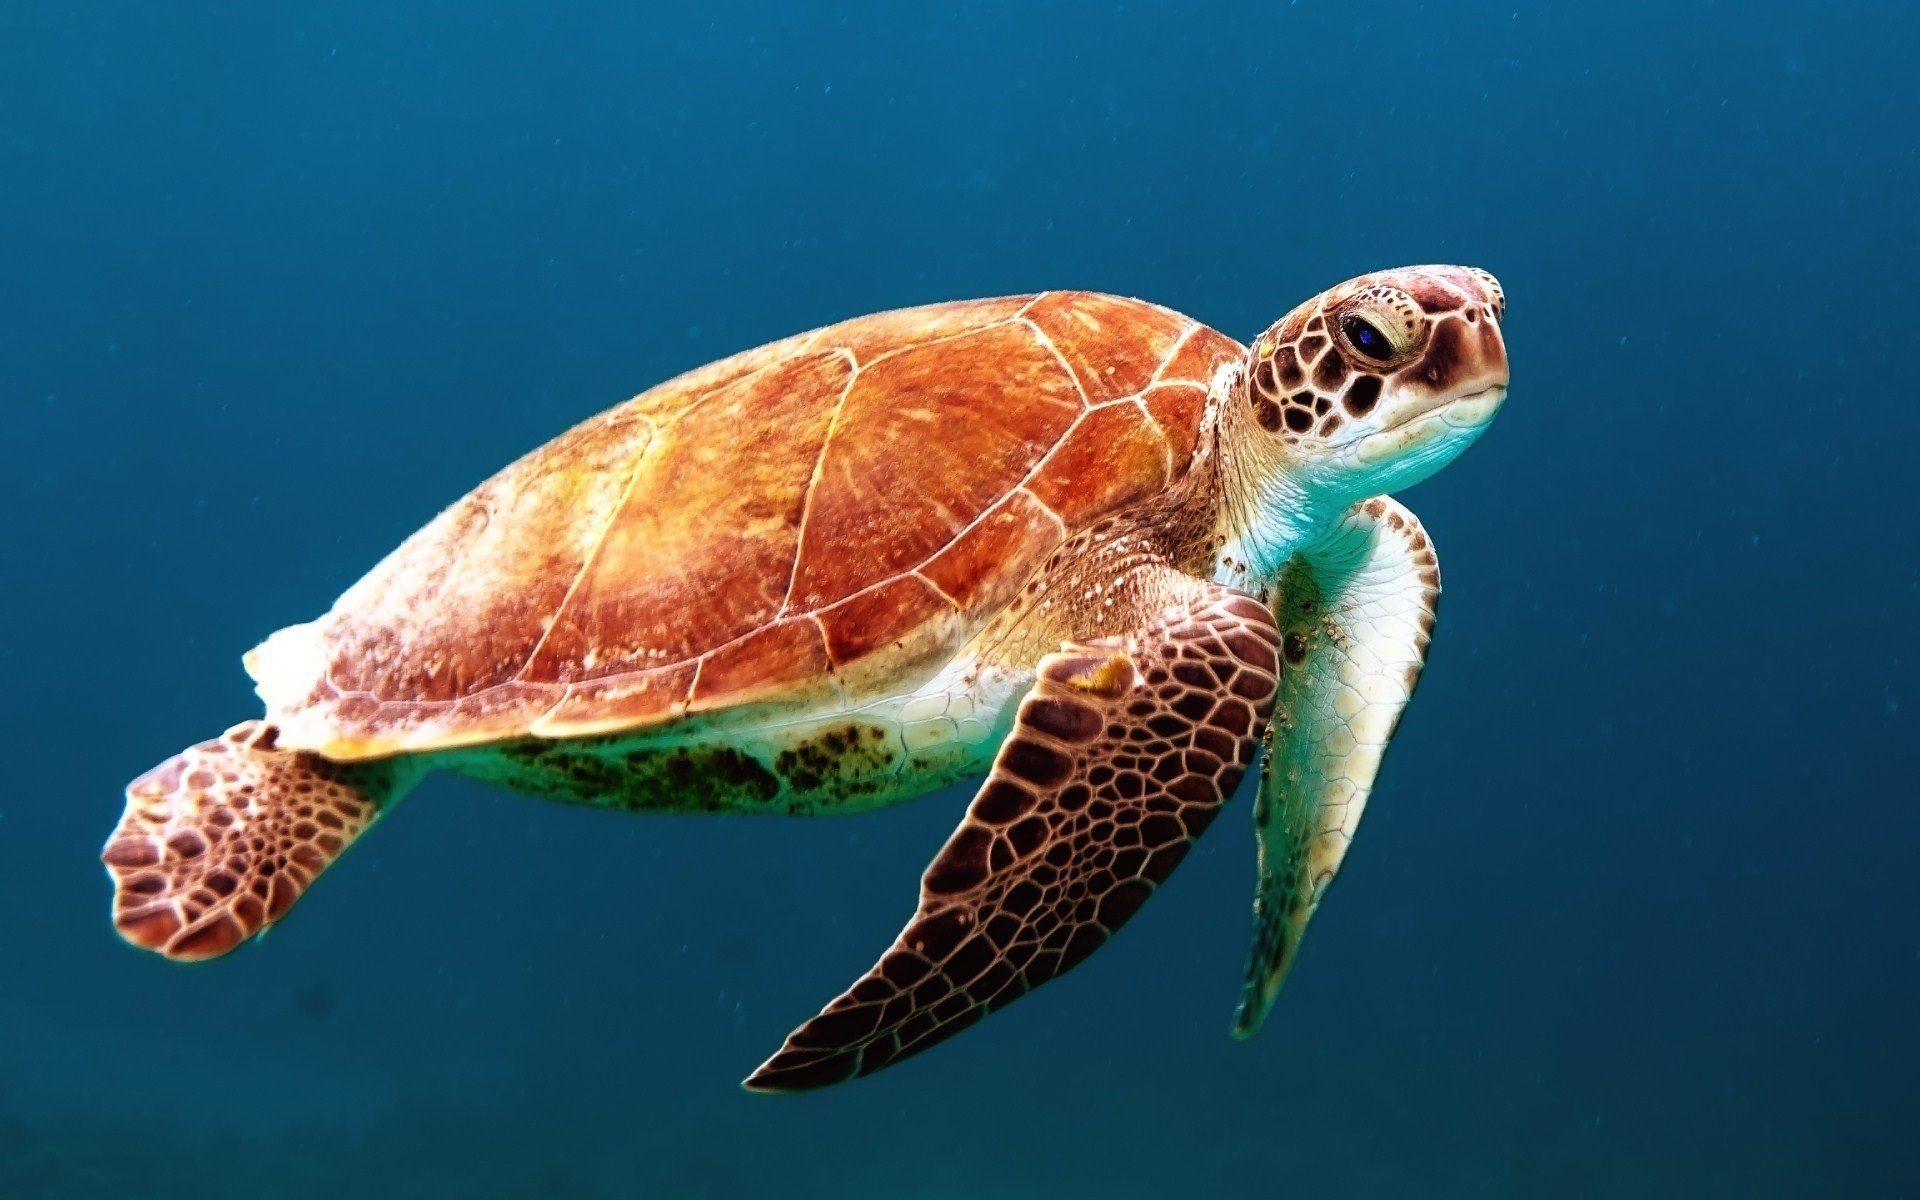 Черепаха, Марина, Океан, Подводный, красочные - Обои HD - Профессор falken.com